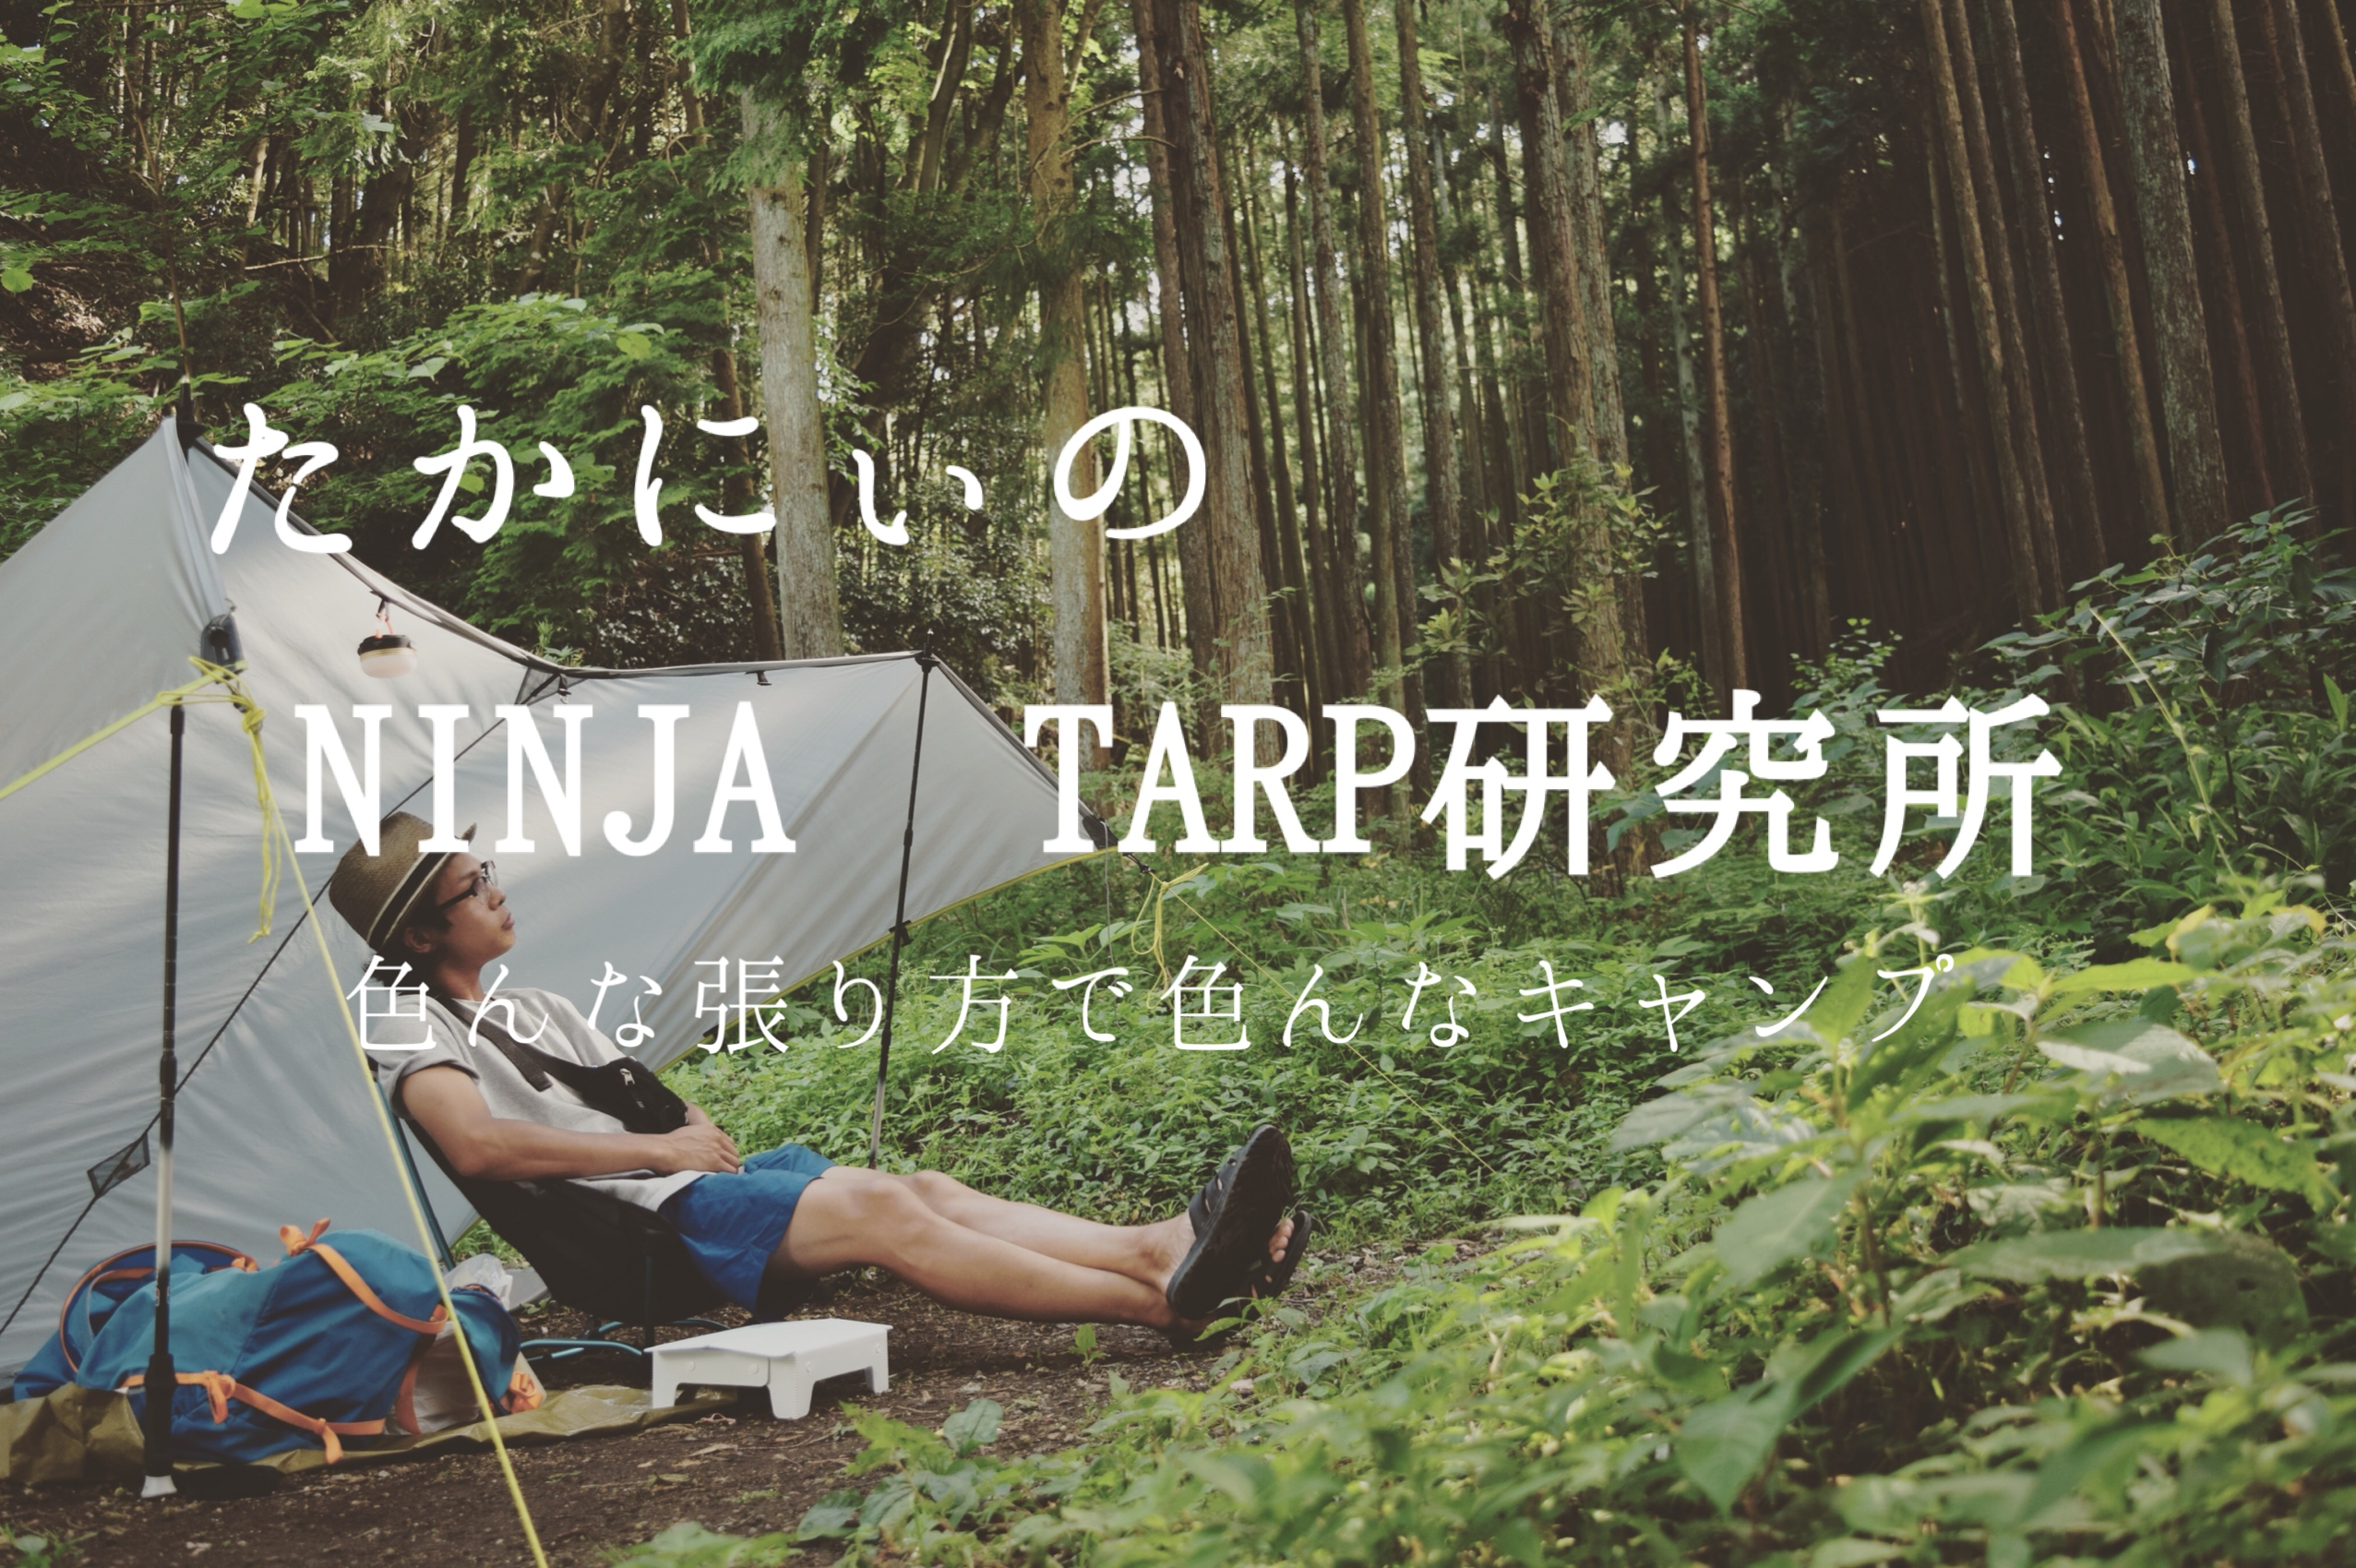 【NINJA TARP研究所】パーゴワークスニンジャタープが如何に使えるか!張り方総まとめ!